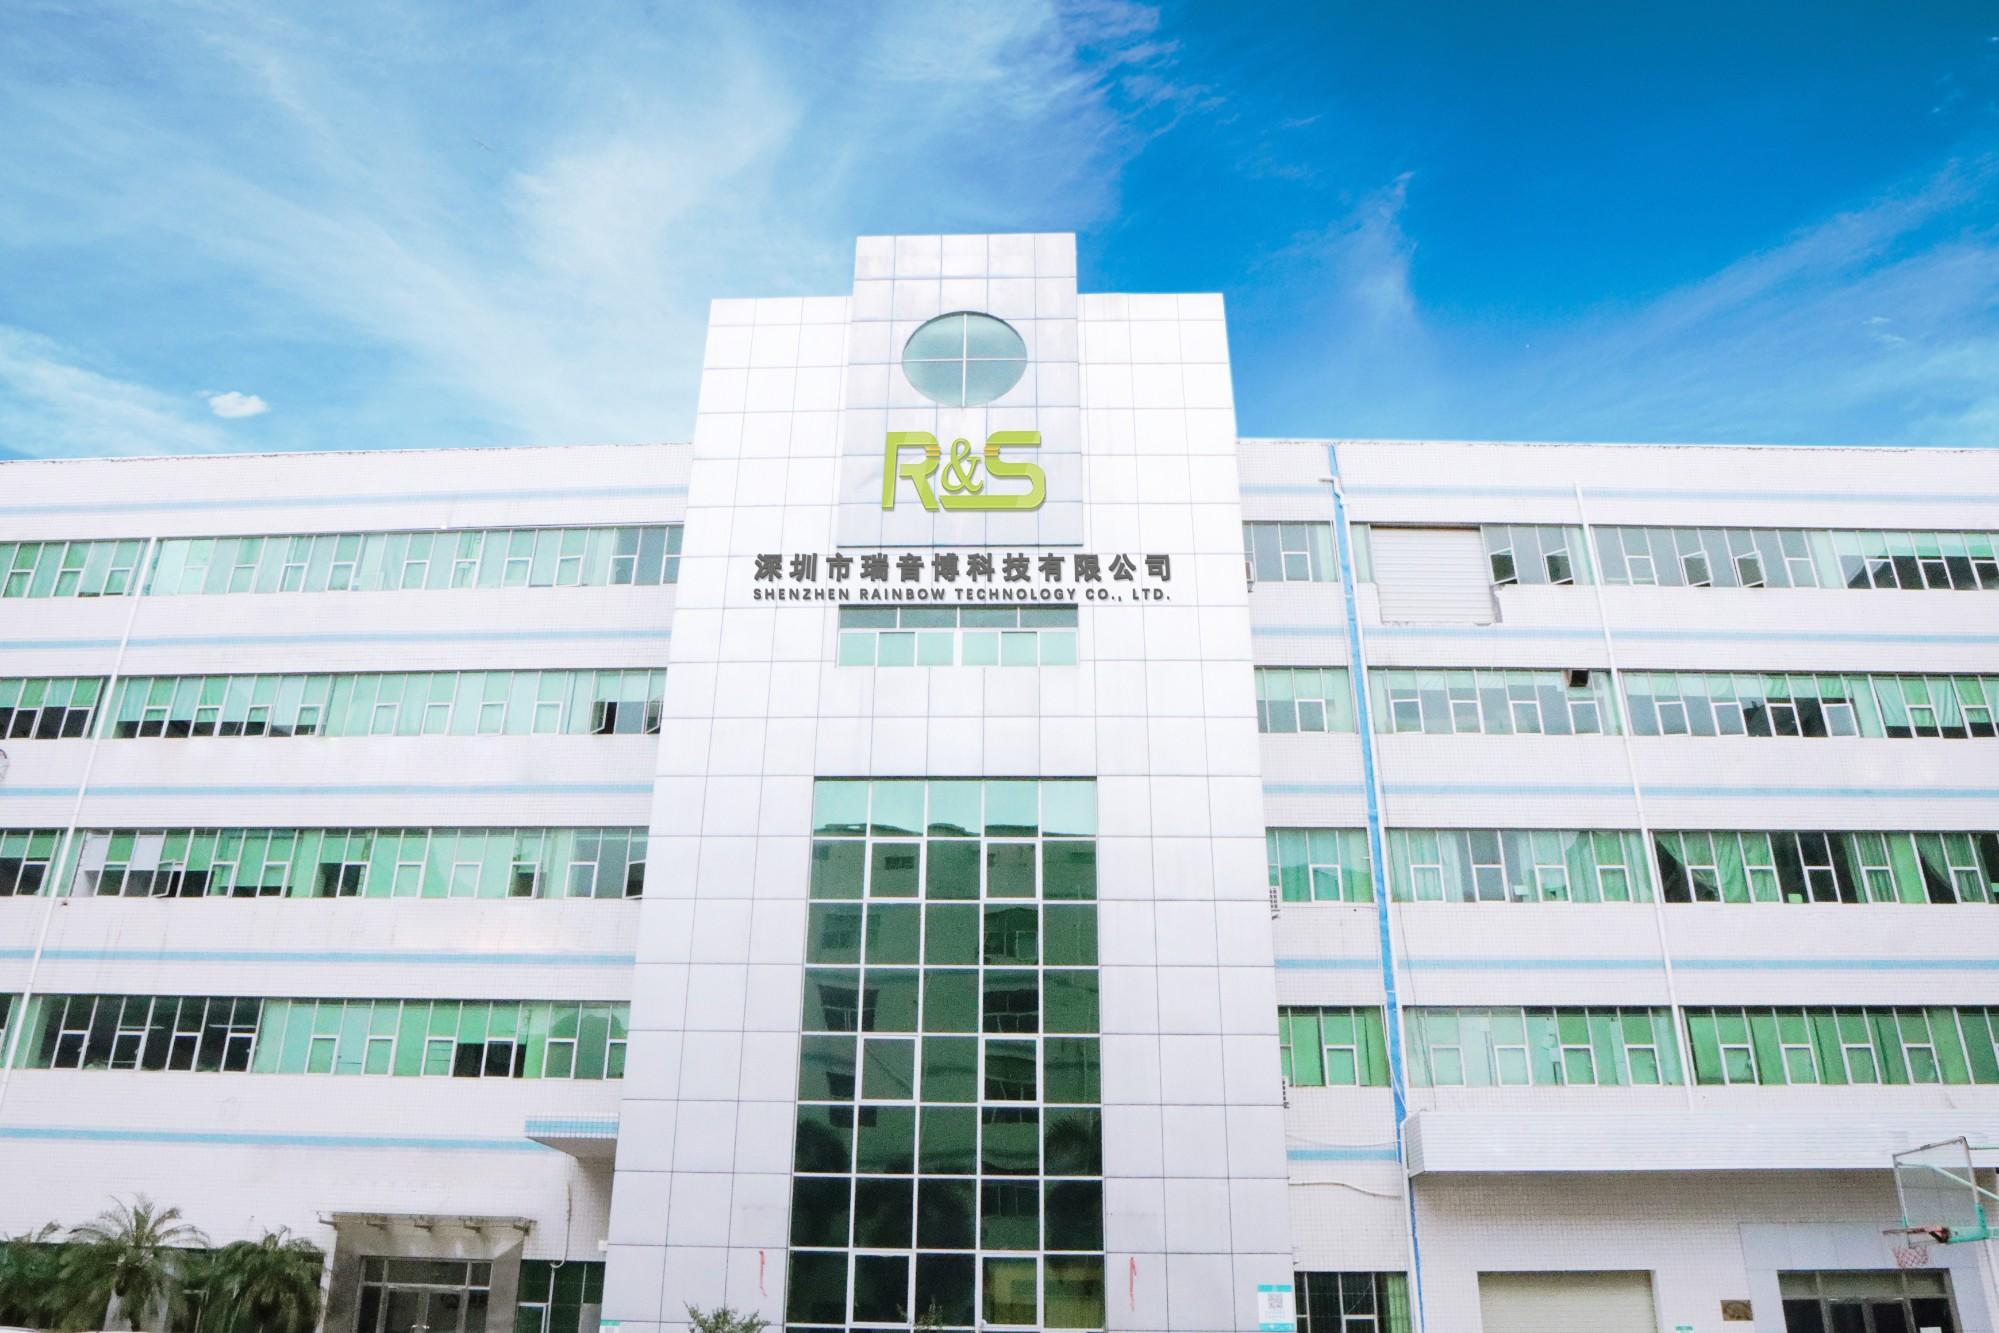 심천 레인보우 과학 기술 유한 회사